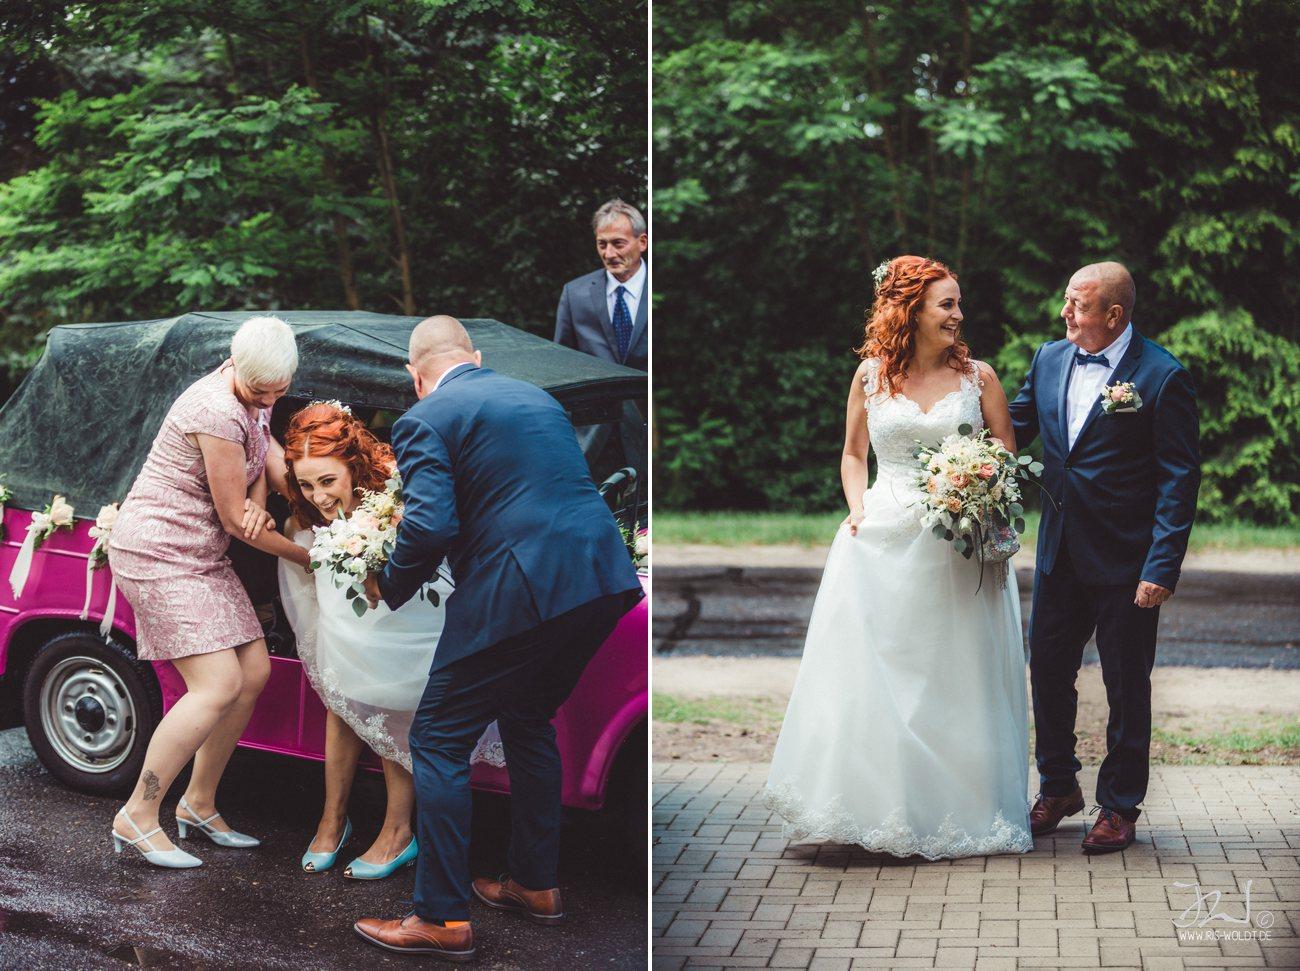 Hochzeitsfotograf_Altthymen_MuehleTornow_IrisWoldt 30